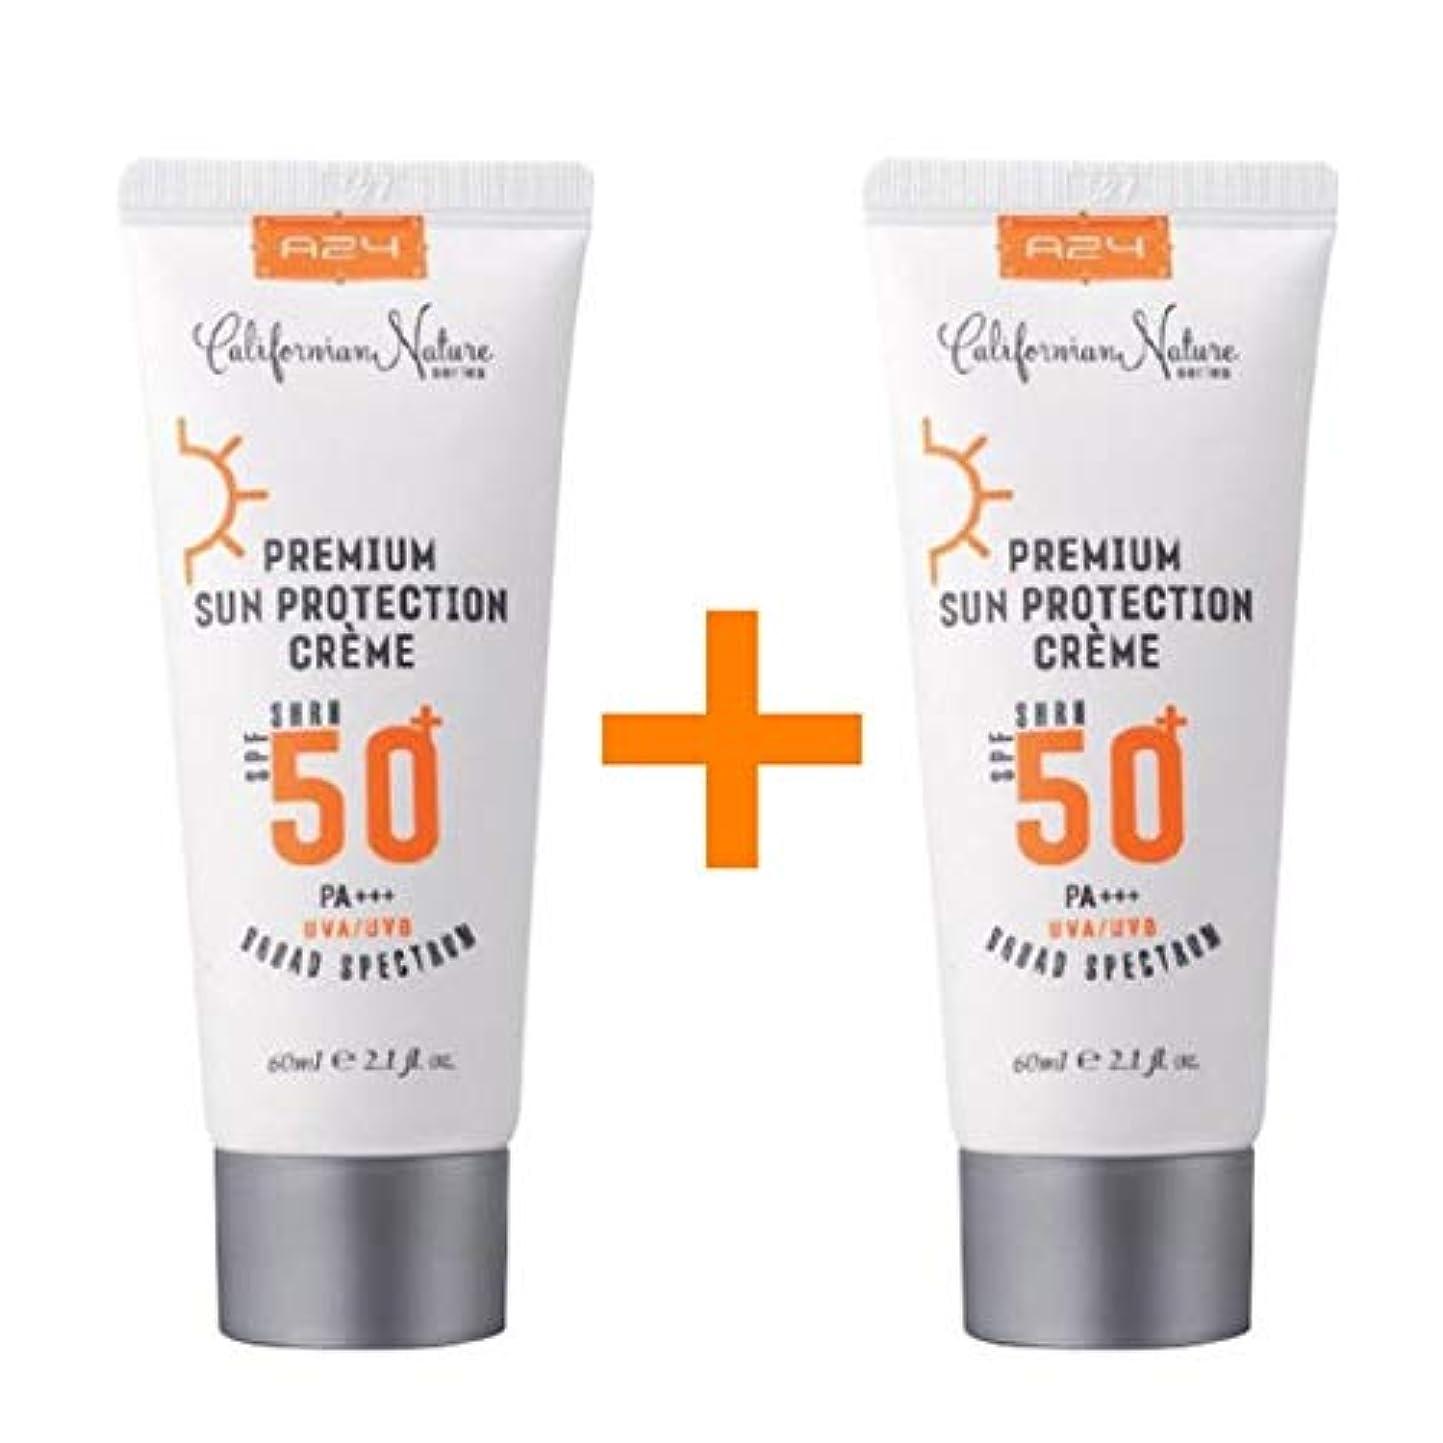 トランジスタ優れましたつづり[1 + 1 ] A24 プレミアム サン プロテクション クリーム 60ml (SPF50+/PA+++) / Premium Sun Protection Cream/米国コスメ 米国日焼け止め